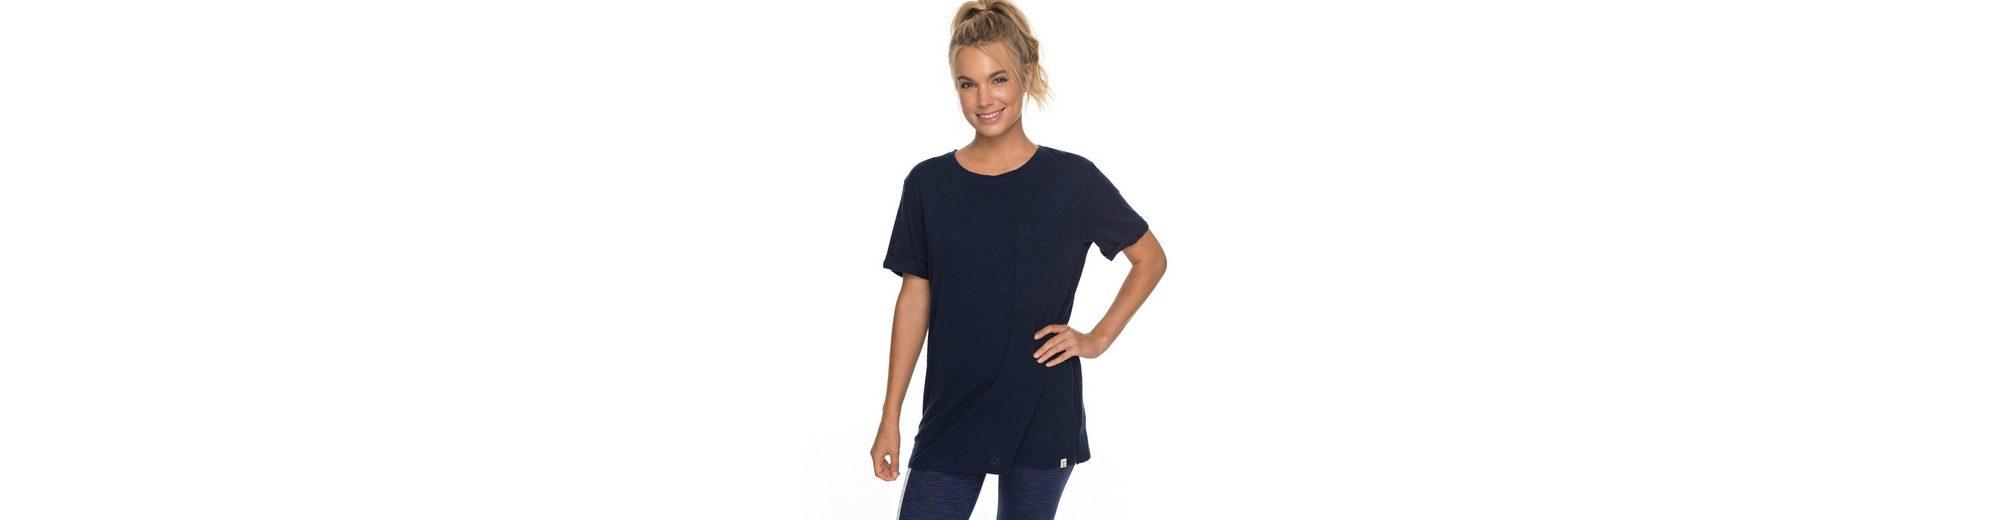 Roxy T-Shirt Challenge You B Erhalten Verkauf Online Kaufen Viele Arten Von Günstigem Preis mwjyZAVJx